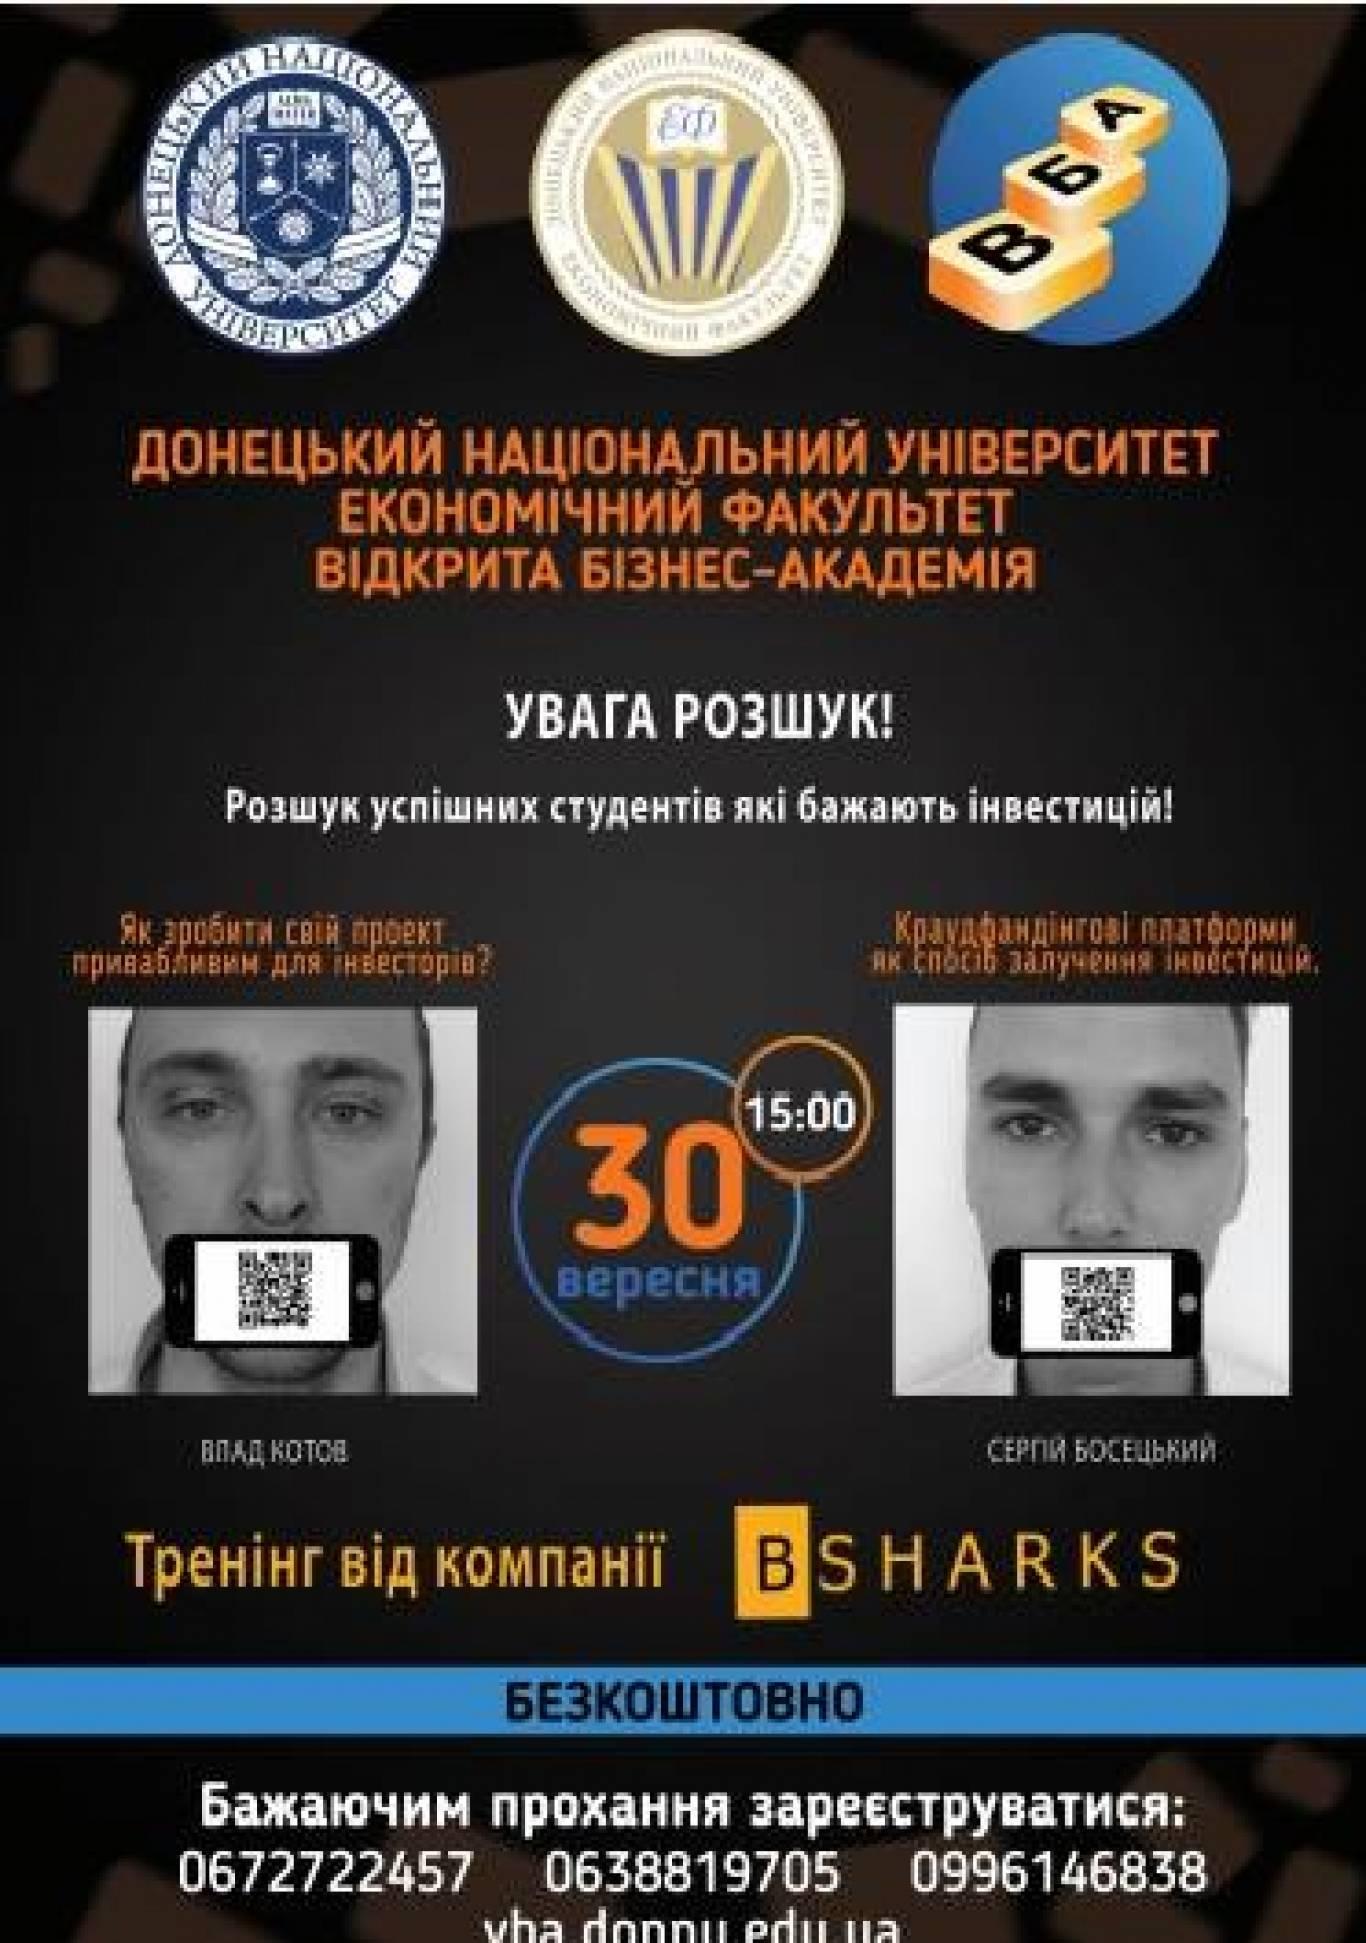 Тренінг від міжнародної компанії Business Sharks